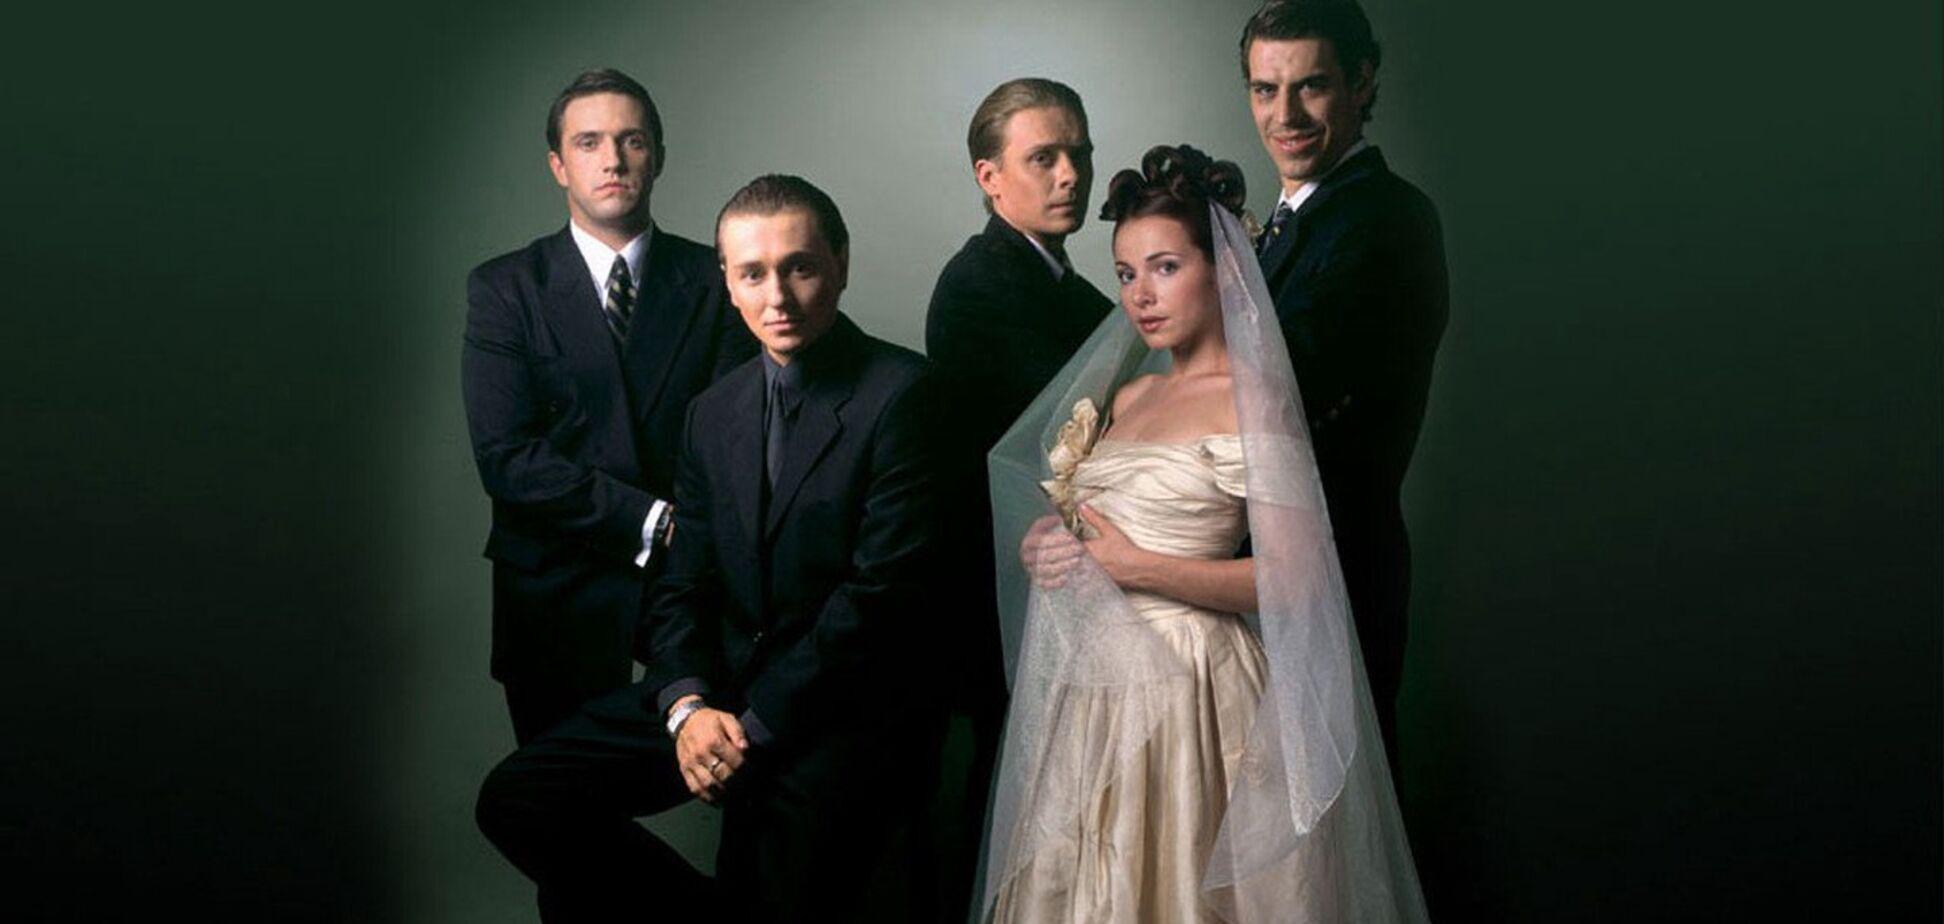 Сериал 'Бригада' вышел на экраны 20 лет назад (фото: JustWatch)